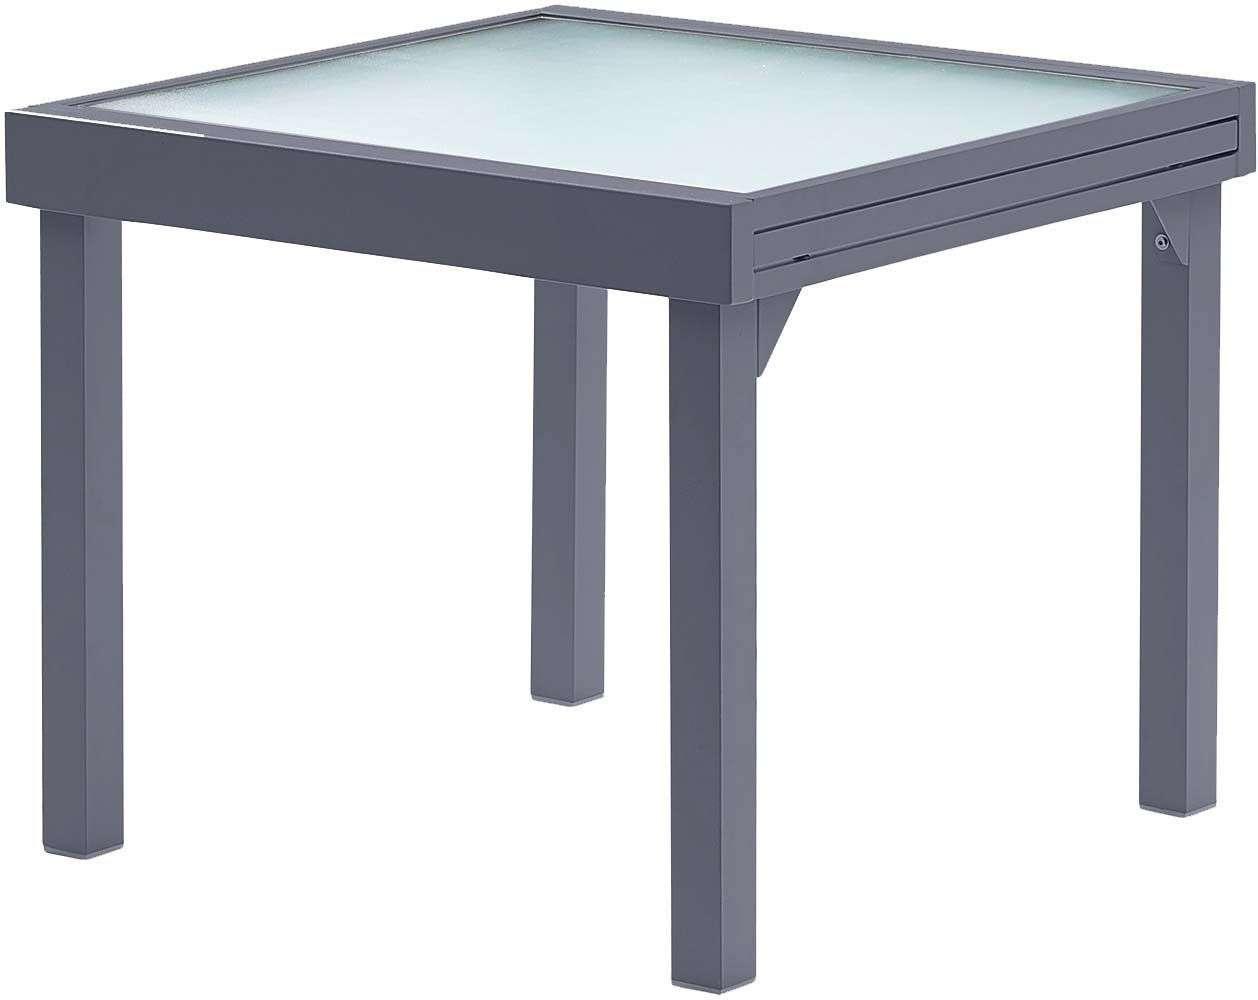 Table Jardin Modulo 4 À 8 Personnes Gris destiné Table Exterieur 4 Personnes